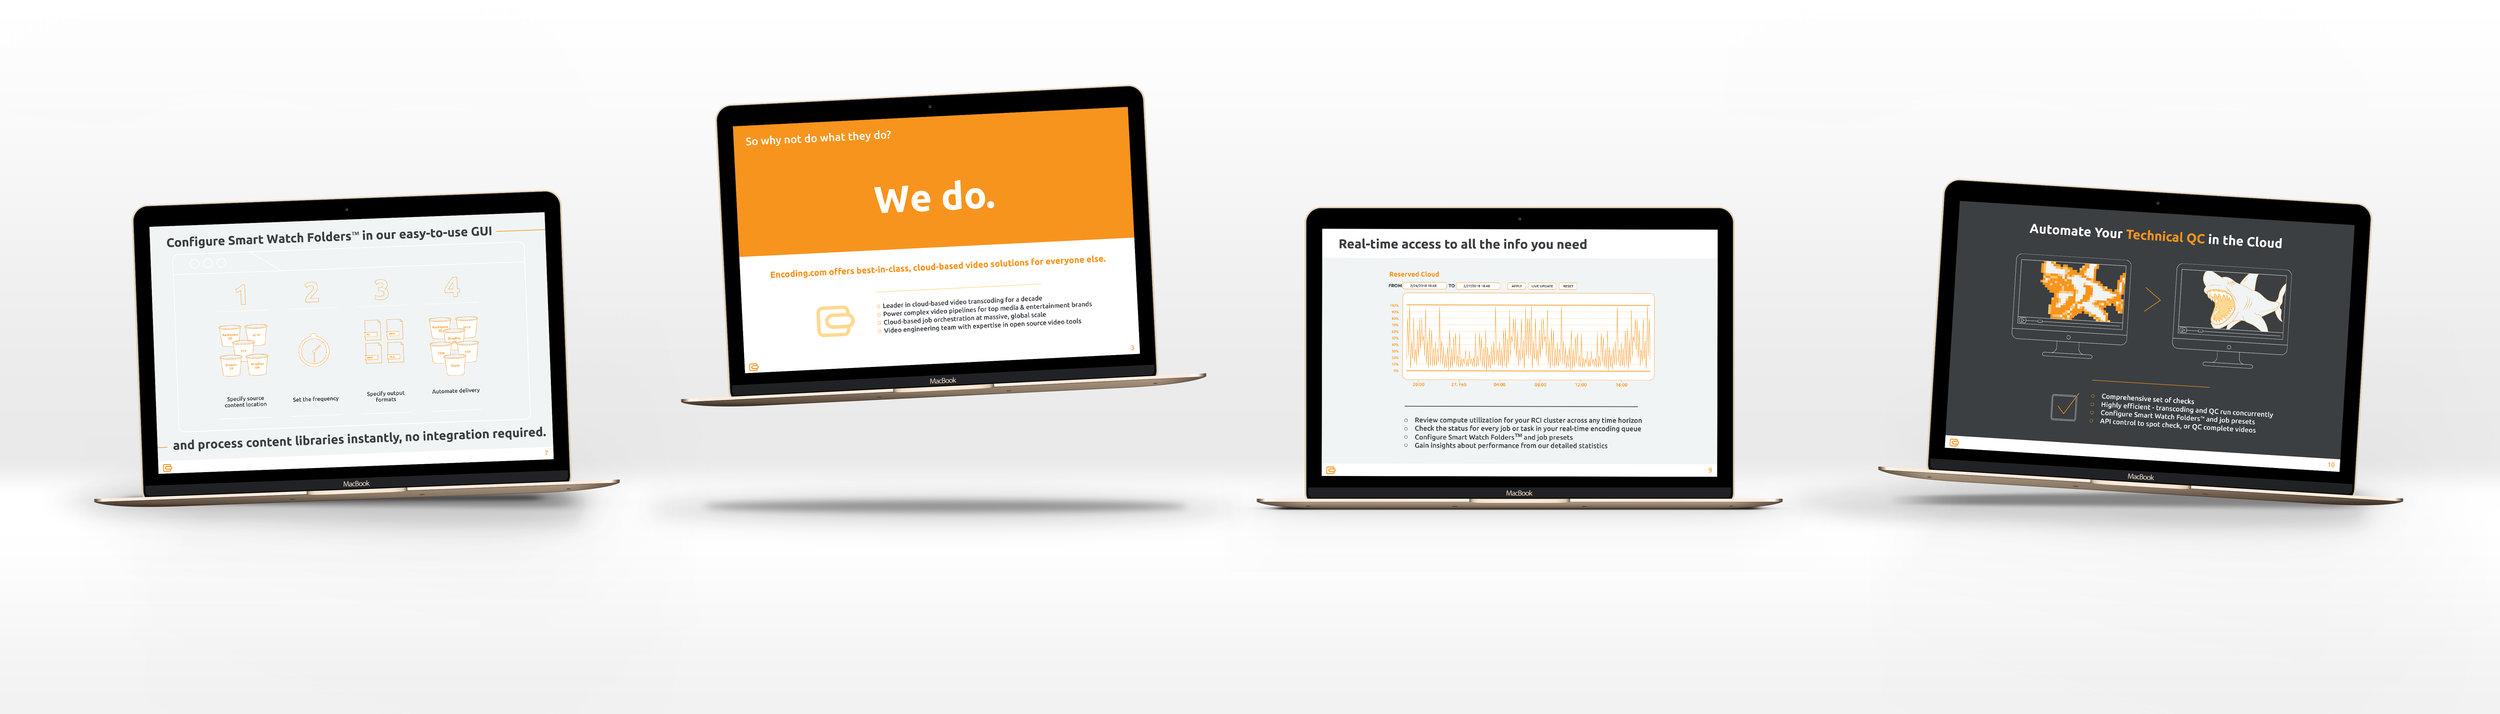 MacBook-ENC-sales-multi-2.jpg